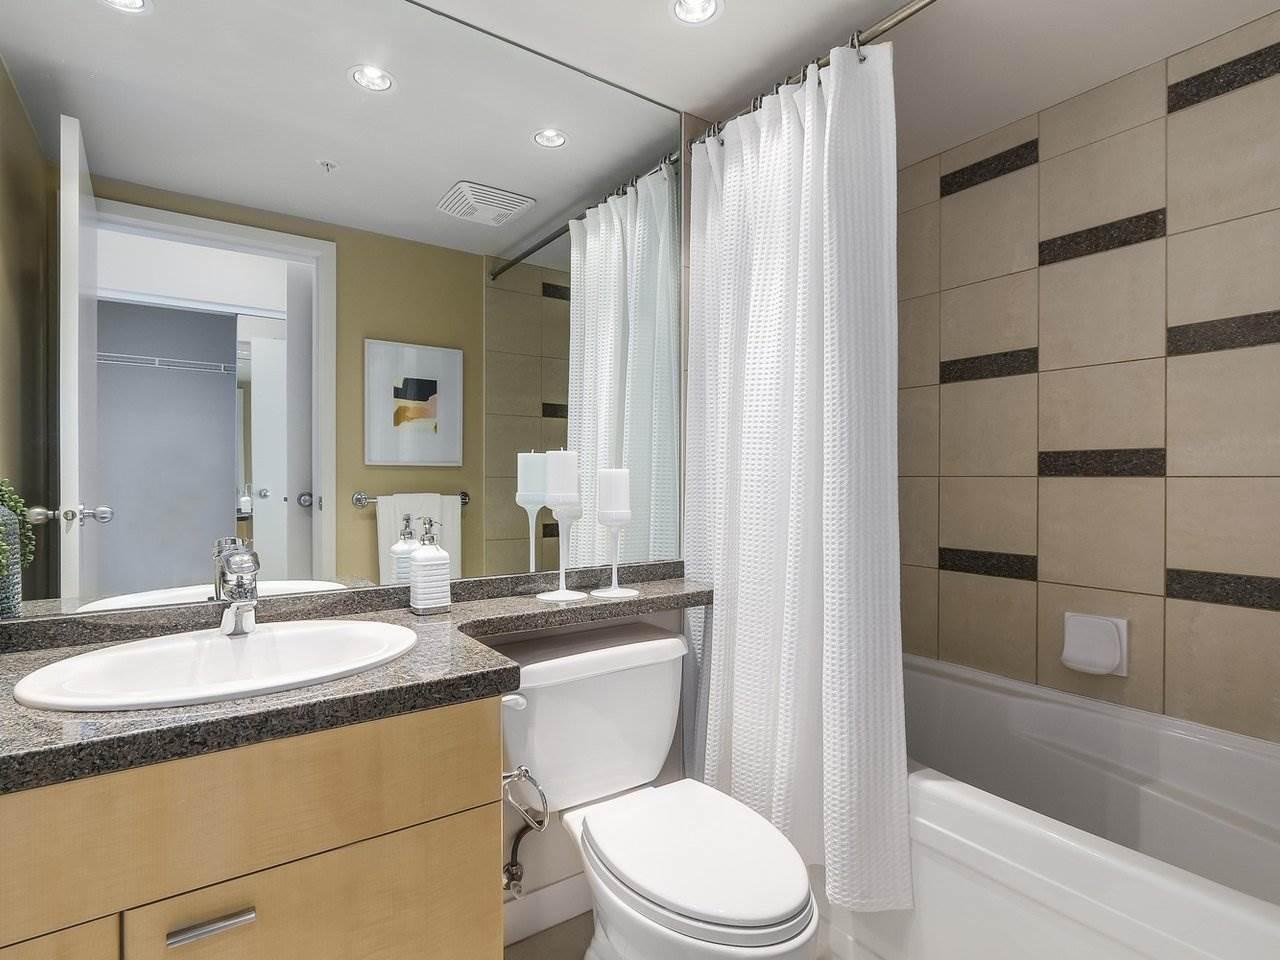 Condo Apartment at 1102 1408 STRATHMORE MEWS, Unit 1102, Vancouver West, British Columbia. Image 12